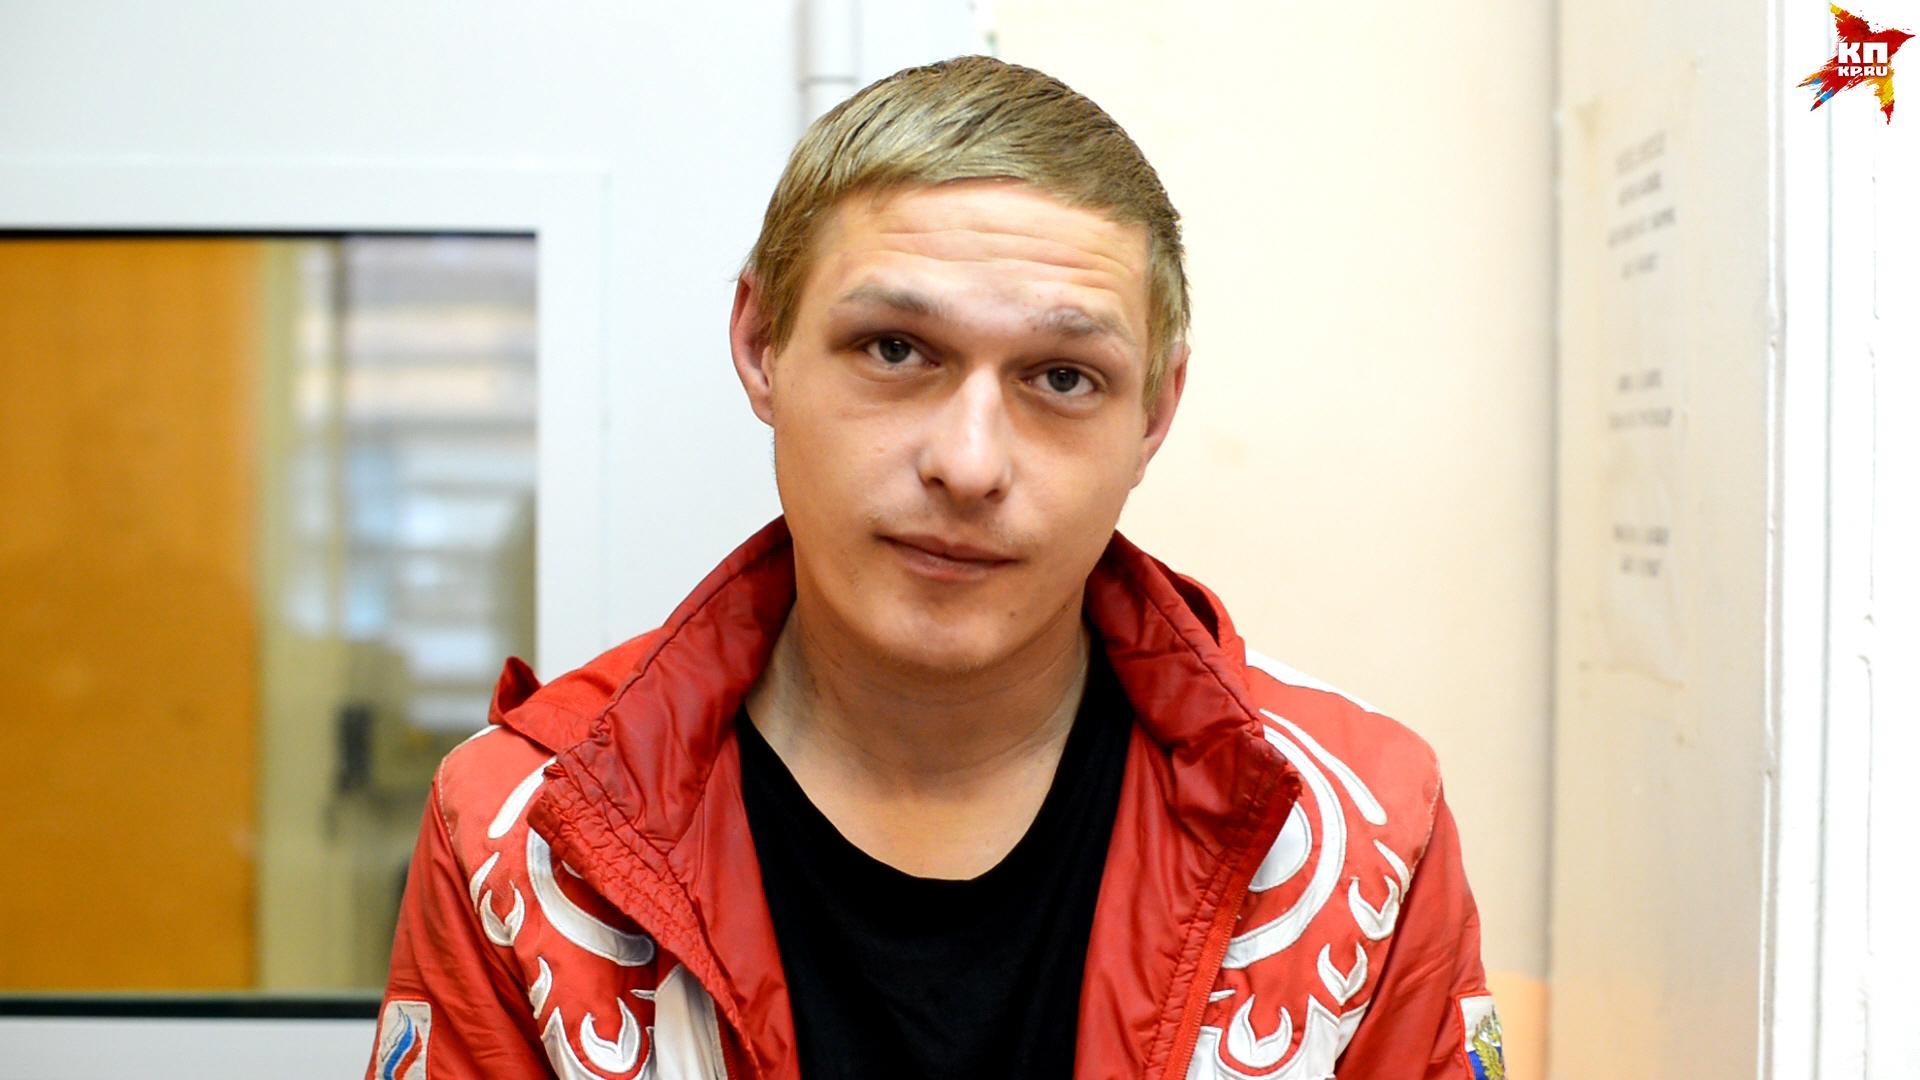 Нетрезвый екатеринбуржец после ссоры вызвал полицейских на«изнасилование» сестры и«минирование» соседки